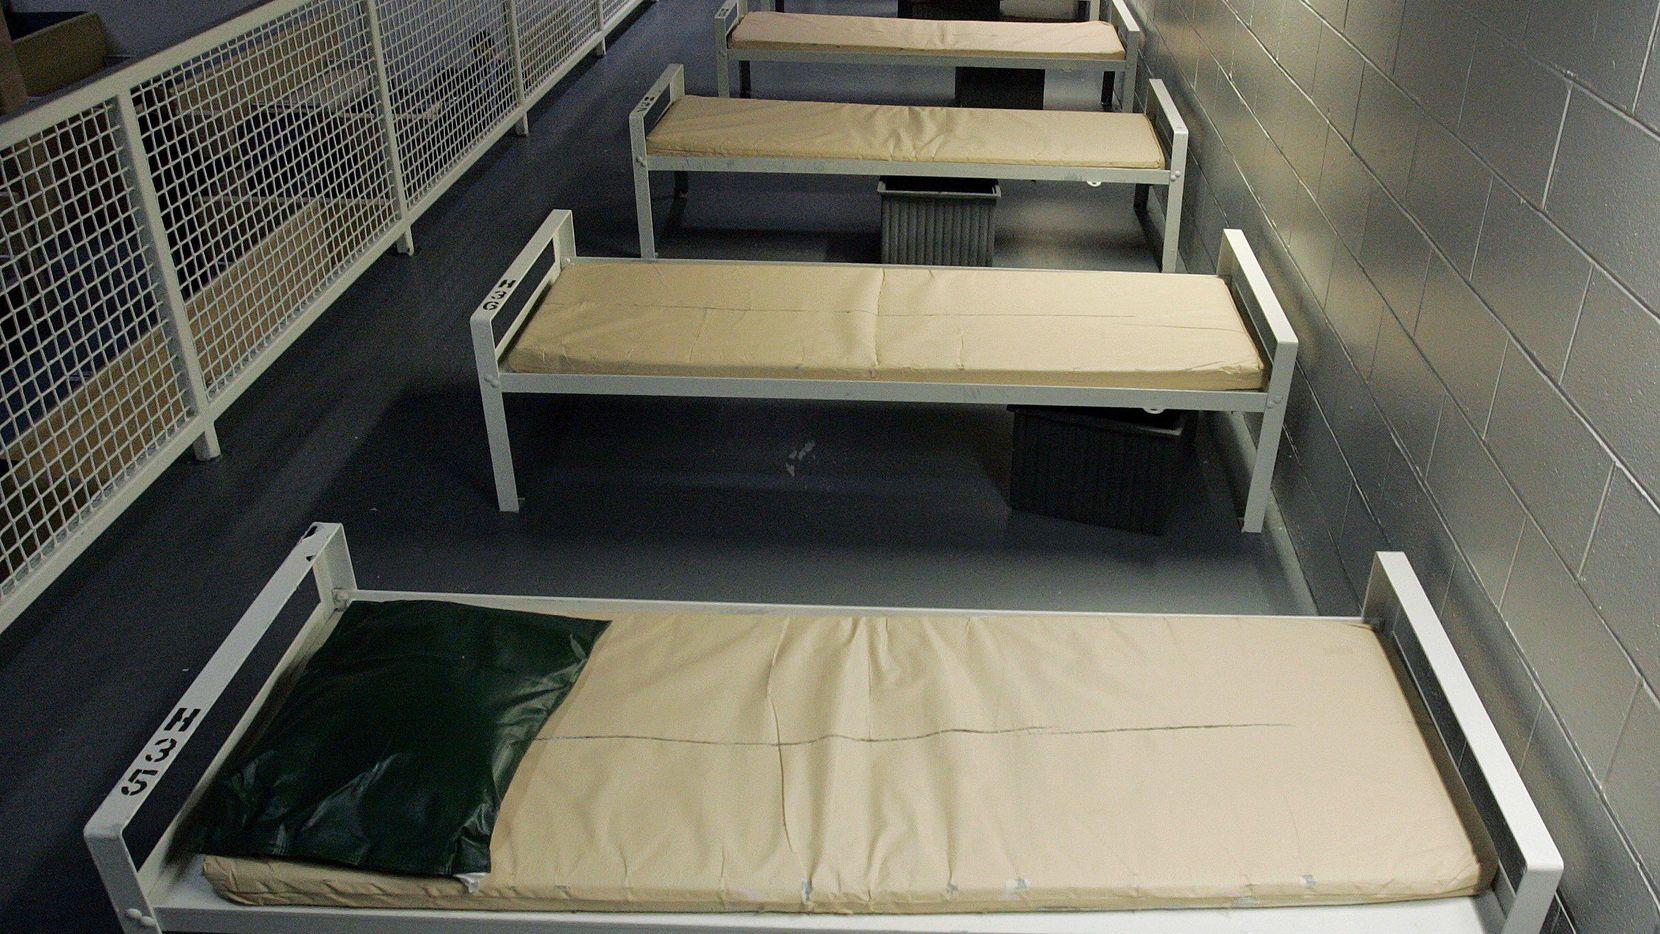 """Camas en un centro de detención de migrantes en Elizabeth, New Jersey. Cientos de mujeres embarazadas han sido detenidas por ICE por """"circunstancias extraordinarias"""". (AP/MEL EVANS)"""